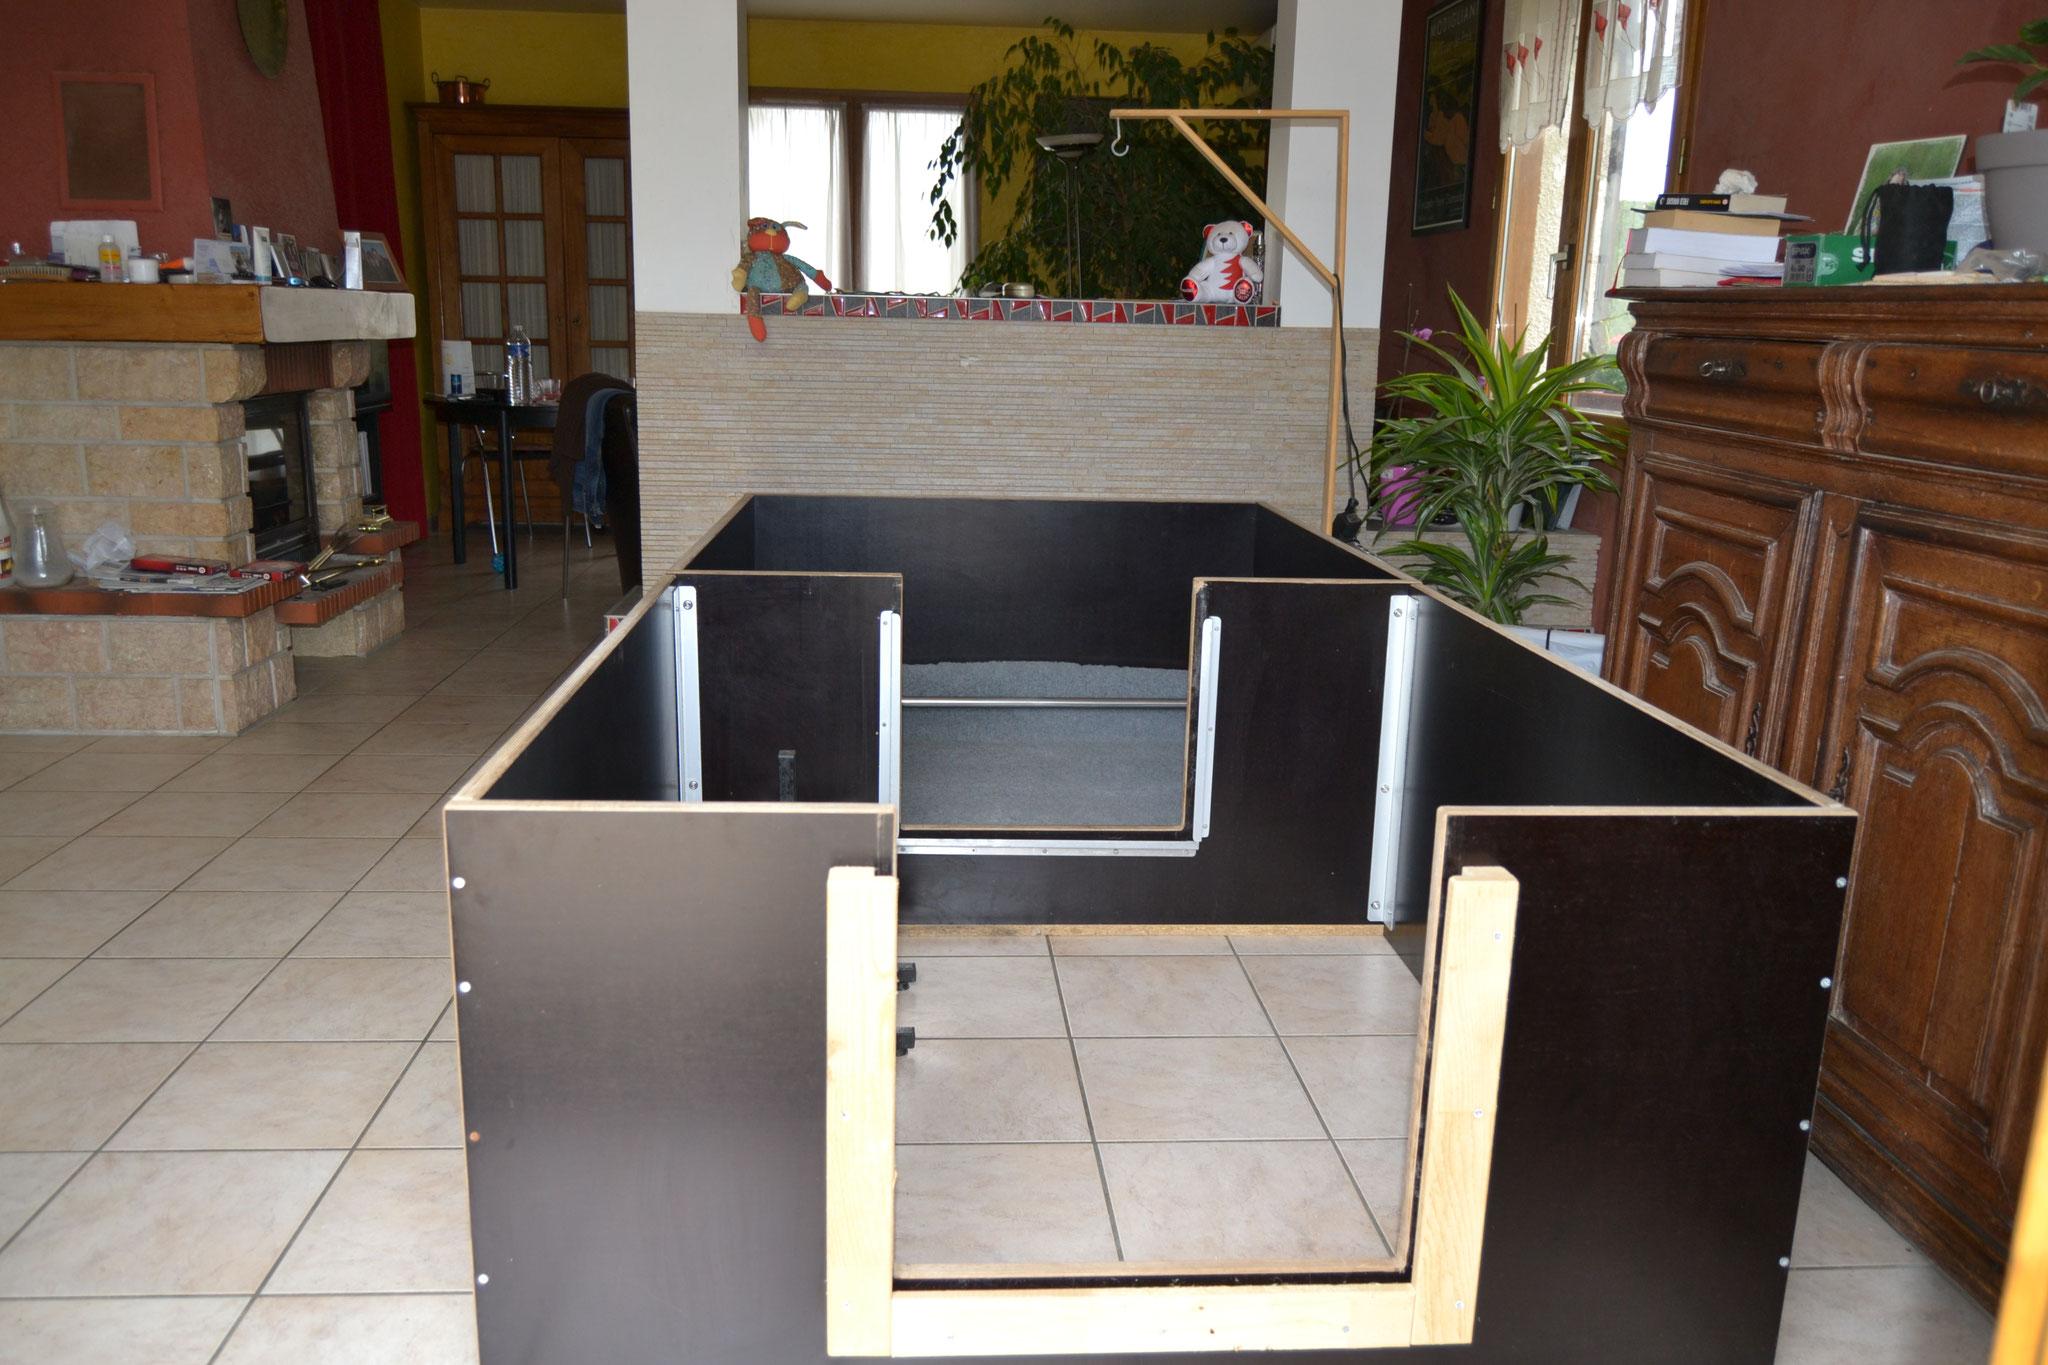 La caisse de mise bas à laquelle est acolé le parc d'ébats des chiots